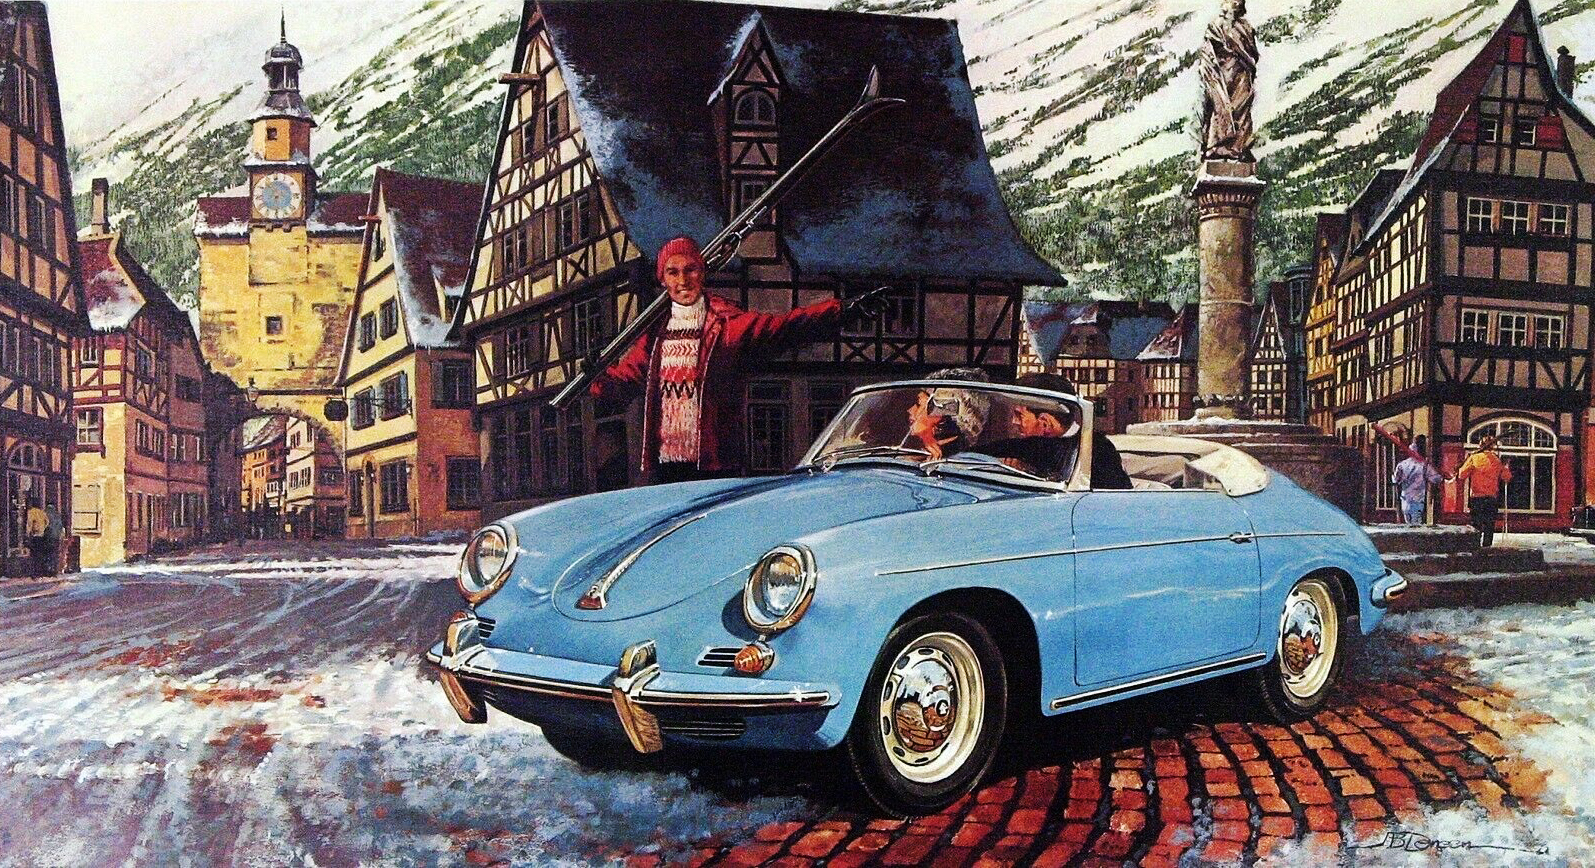 1961. Porsche Type 356B Roadster. Иллюстрация Джеймса Б. Денина